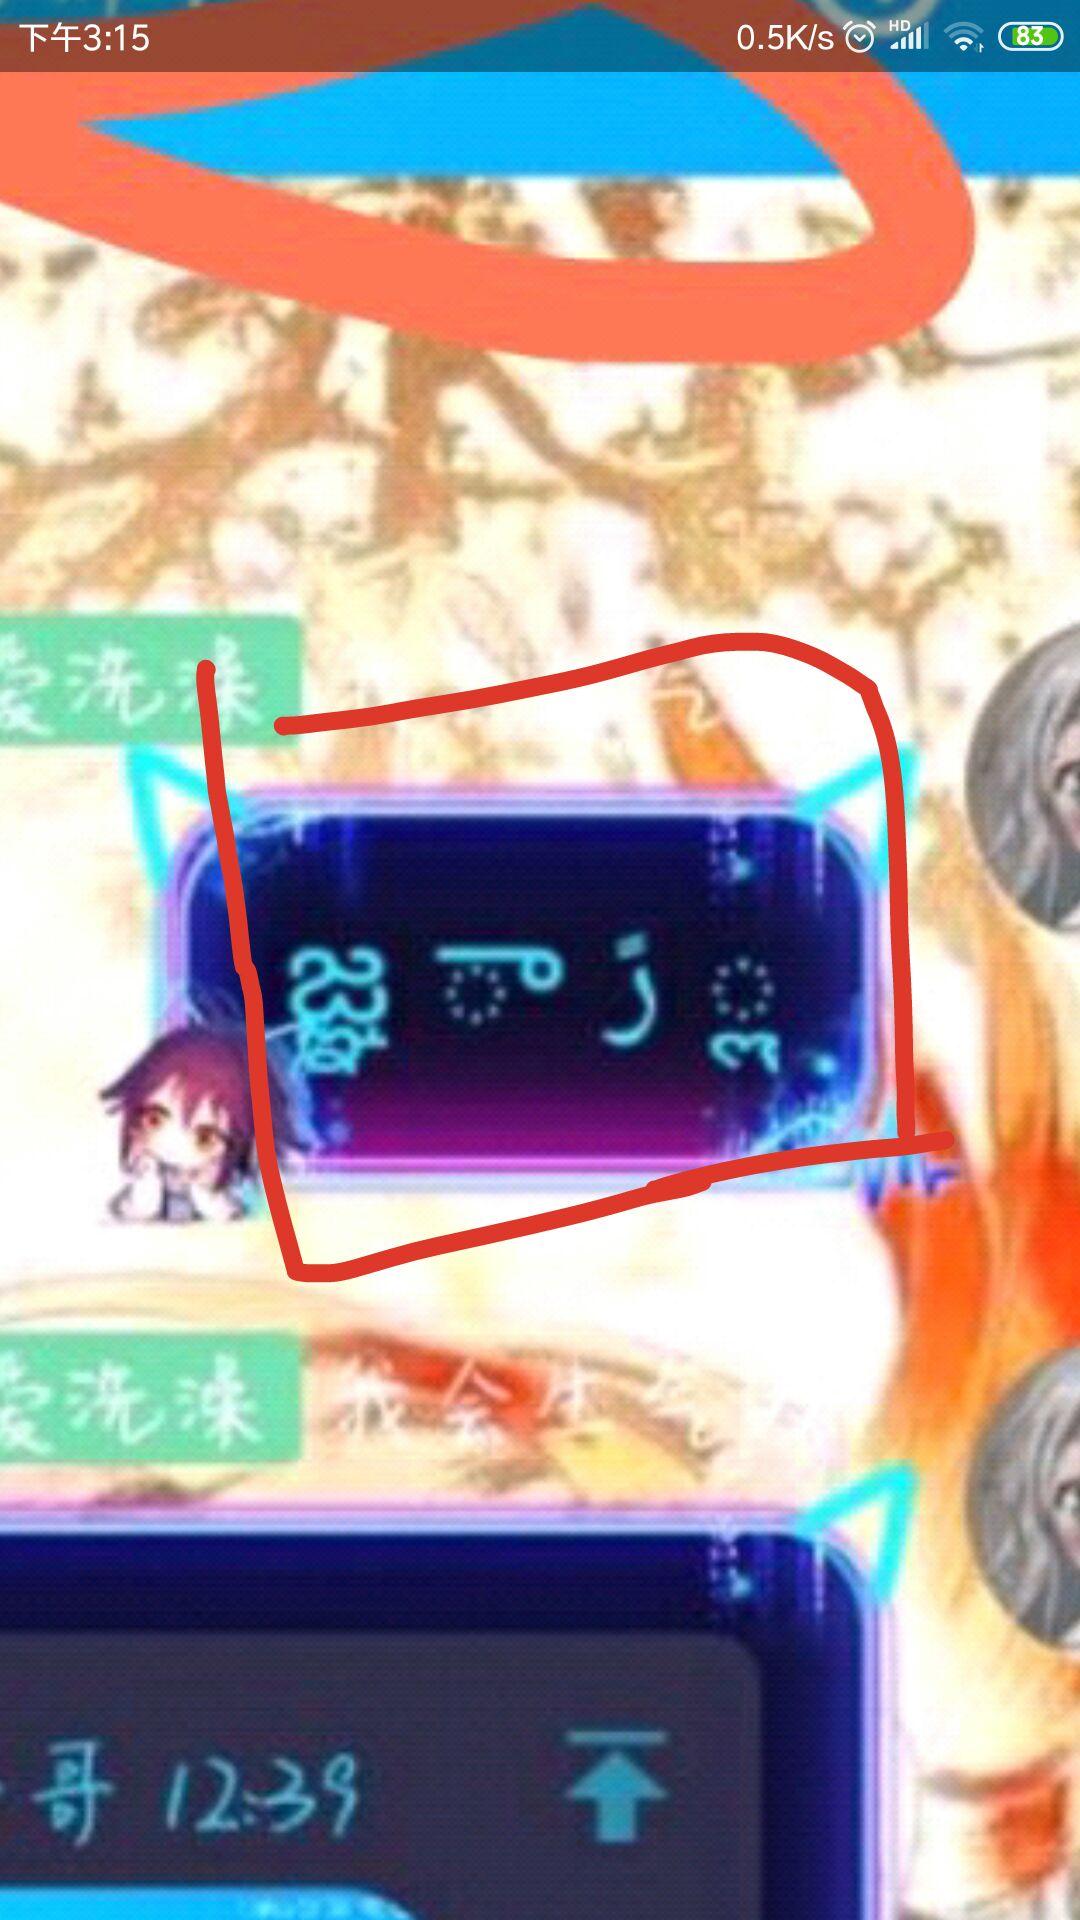 这些符号怎么打出来的